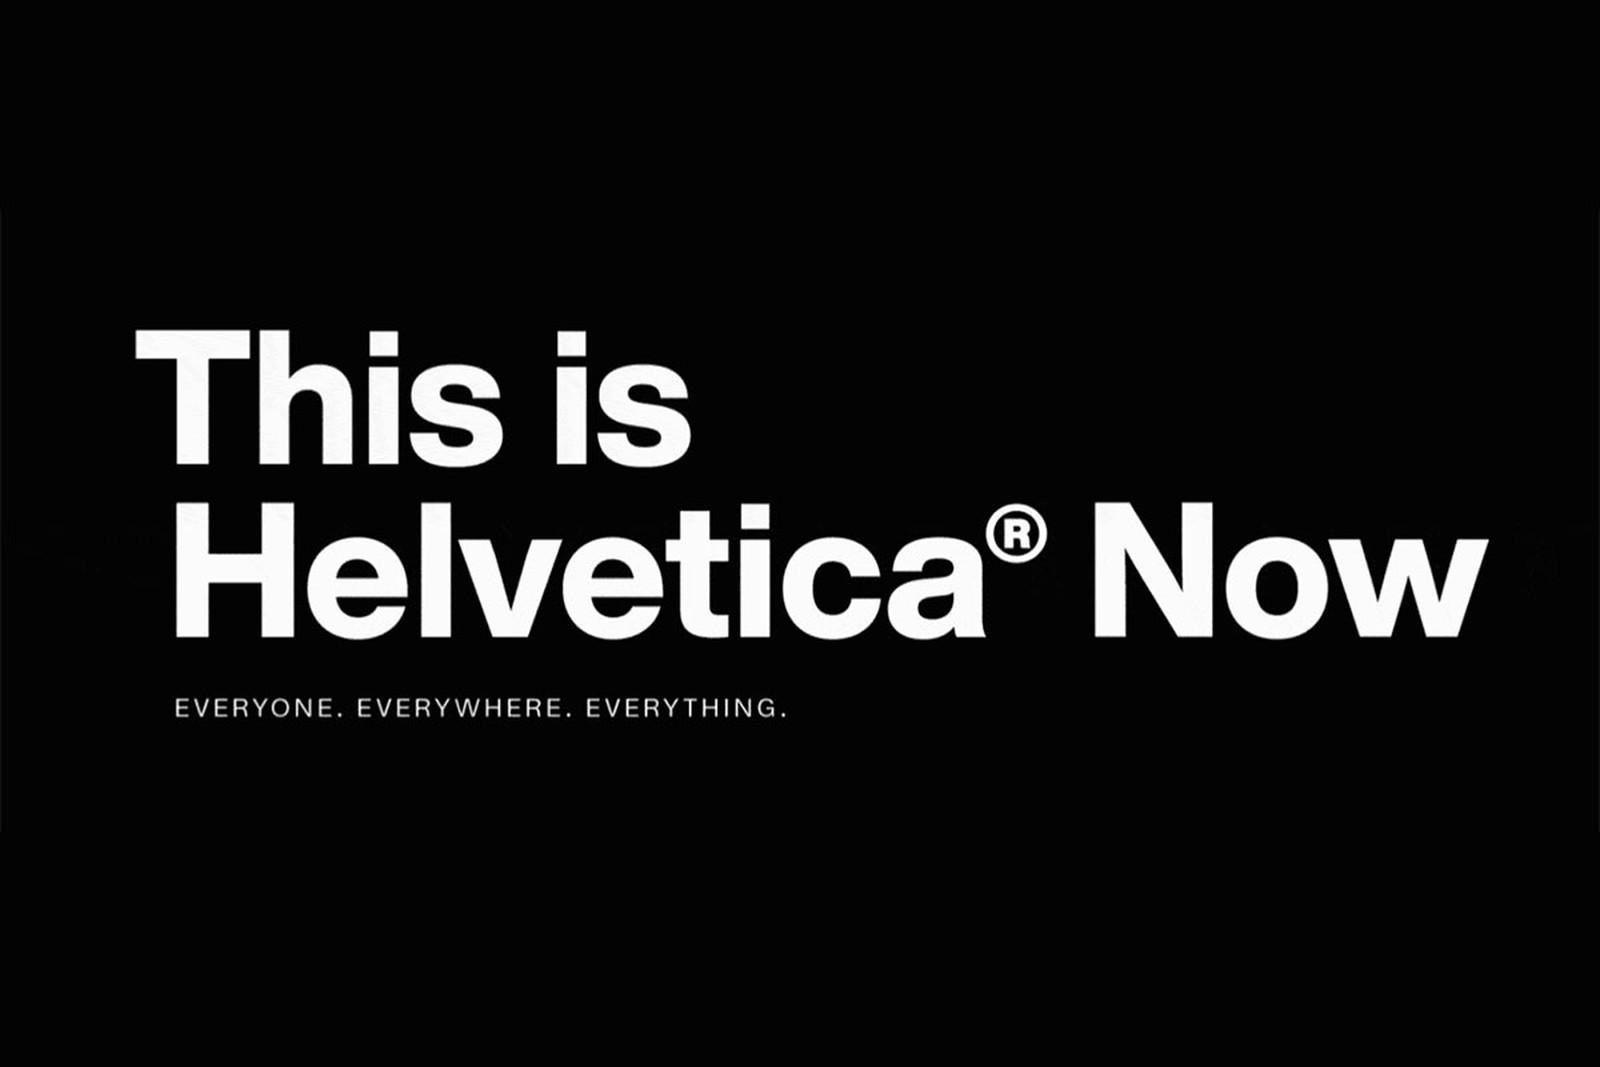 Helvetica Now Sans Serif Font